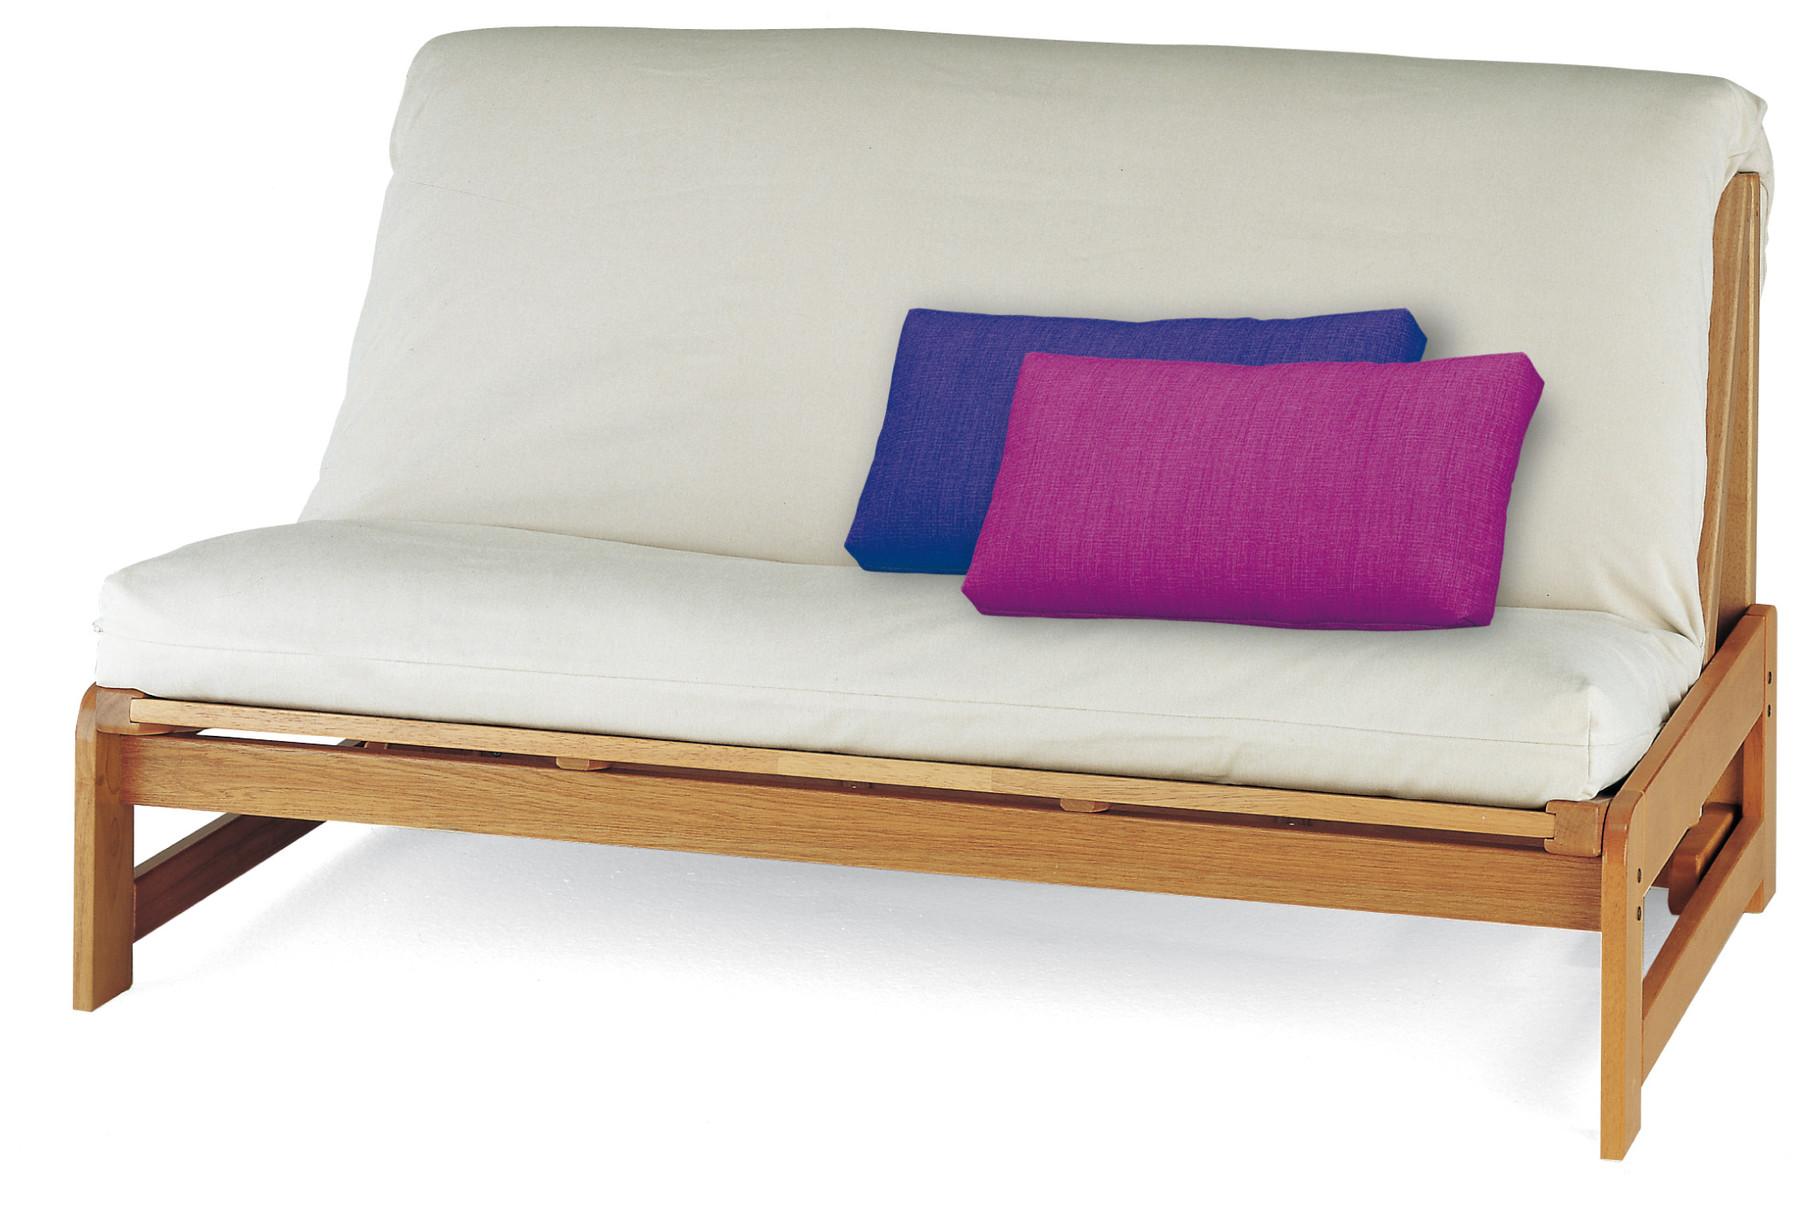 sofas cama madrid tiendas sofa replacement cushions covers sofás futon line